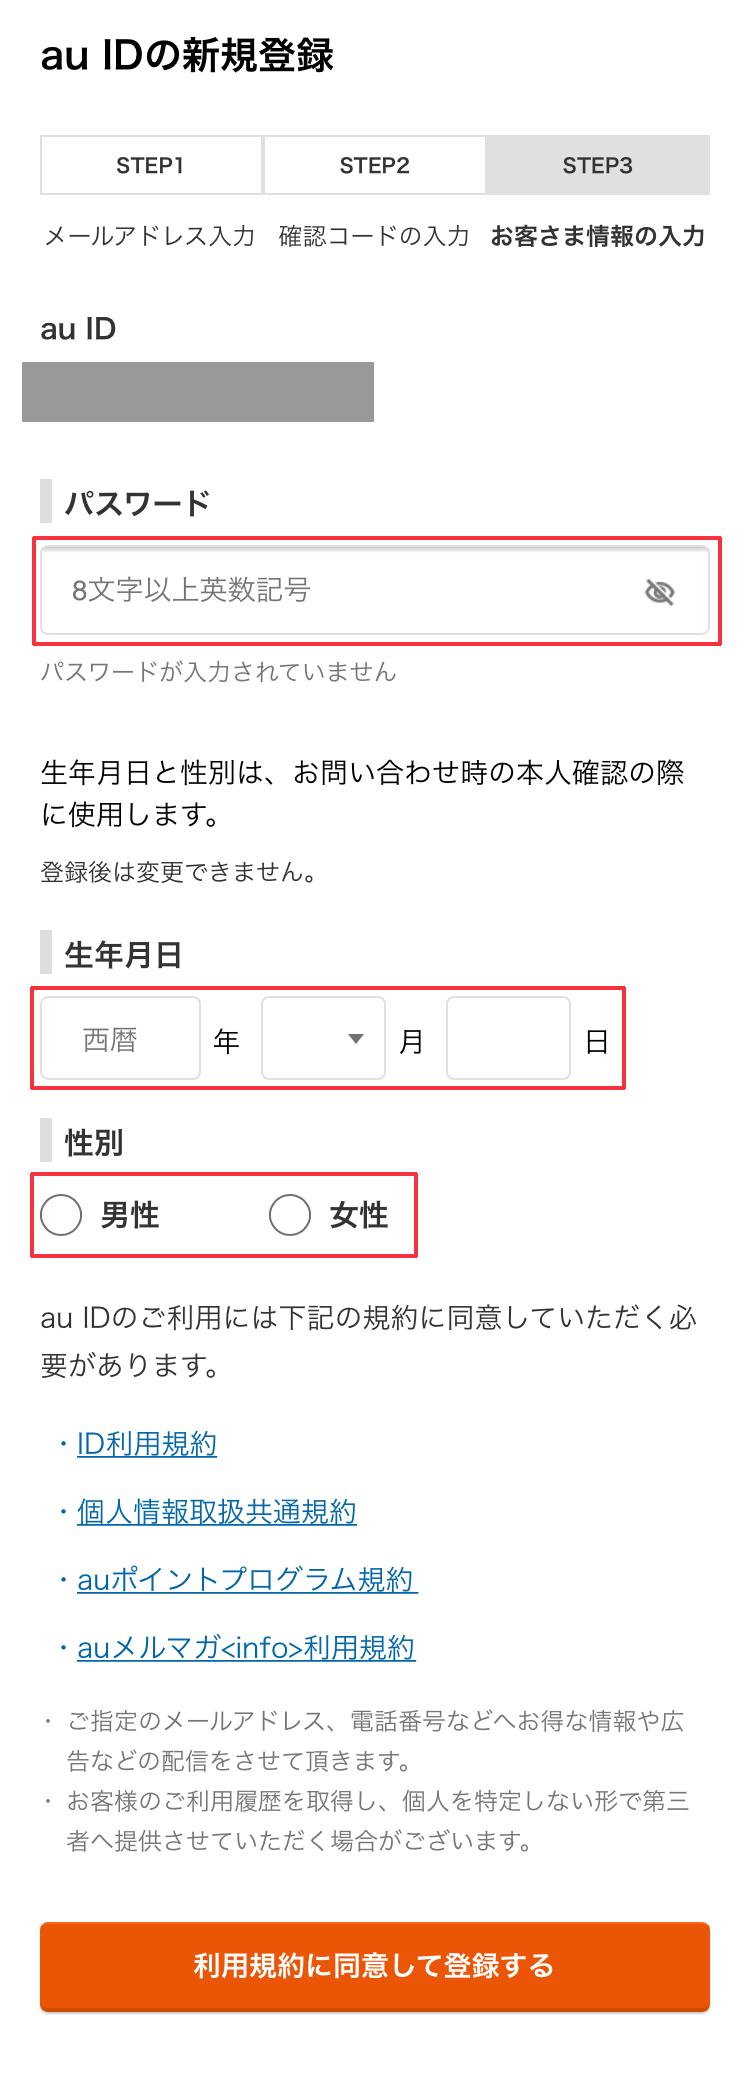 au IDロ新規登録 個人情報入力画面